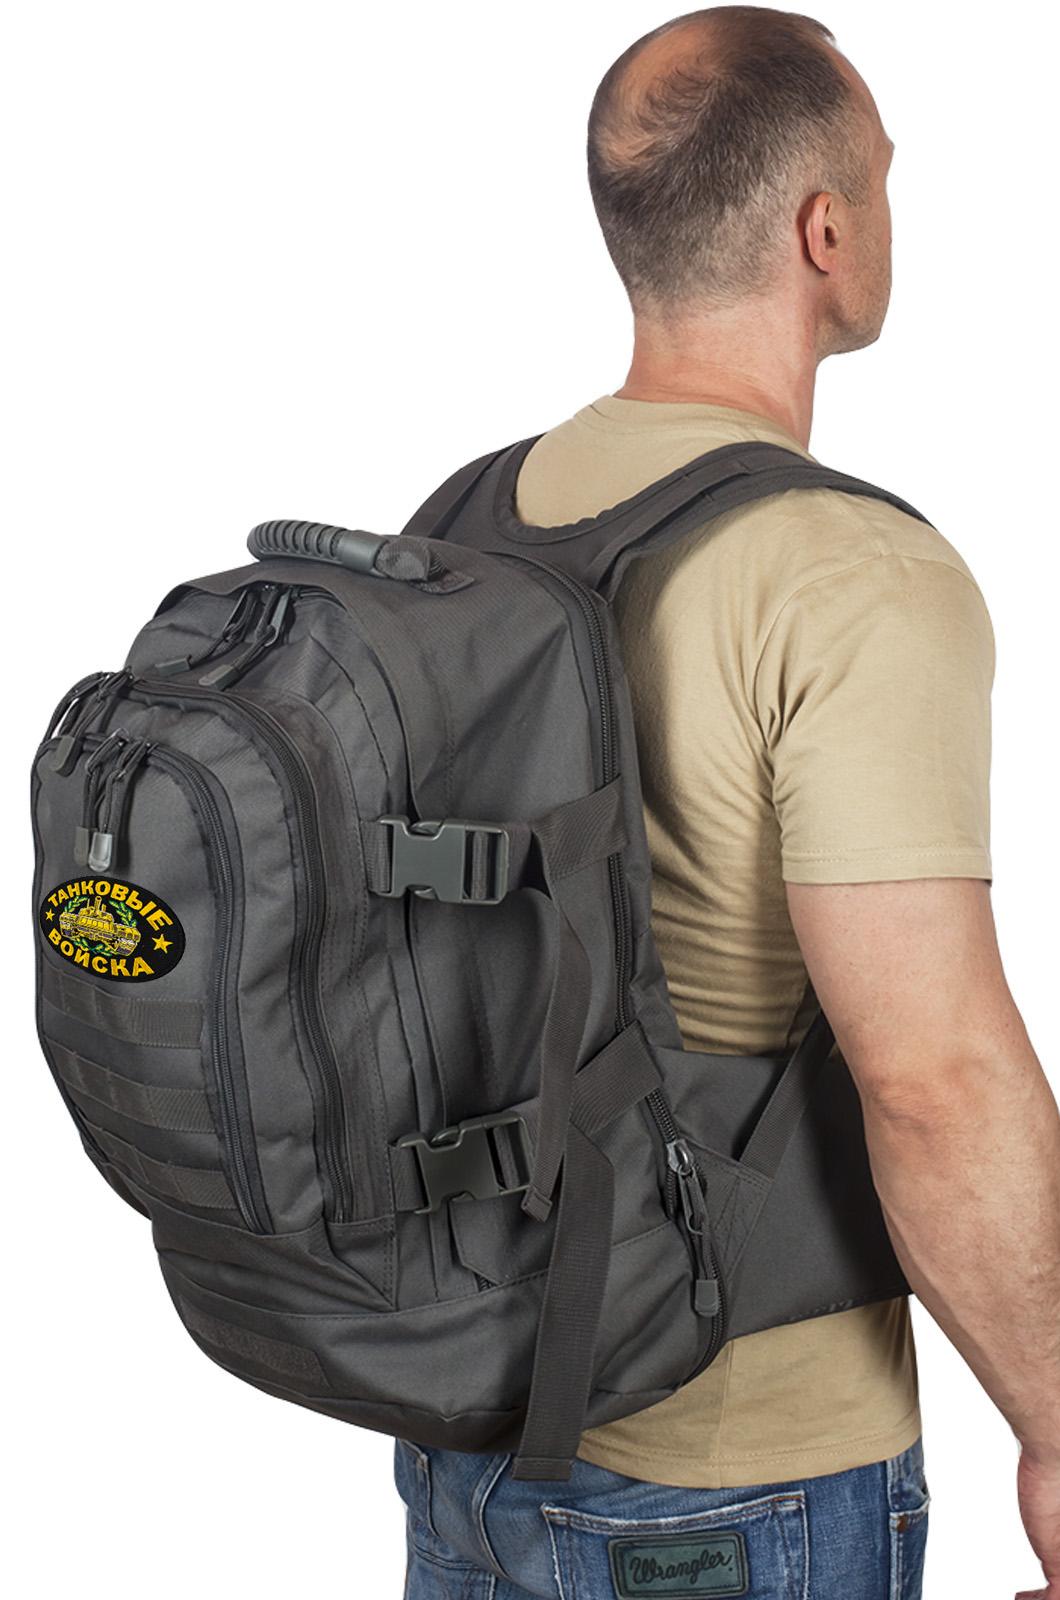 Тактический универсальный рюкзак с нашивкой Танковые Войска - купить выгодно